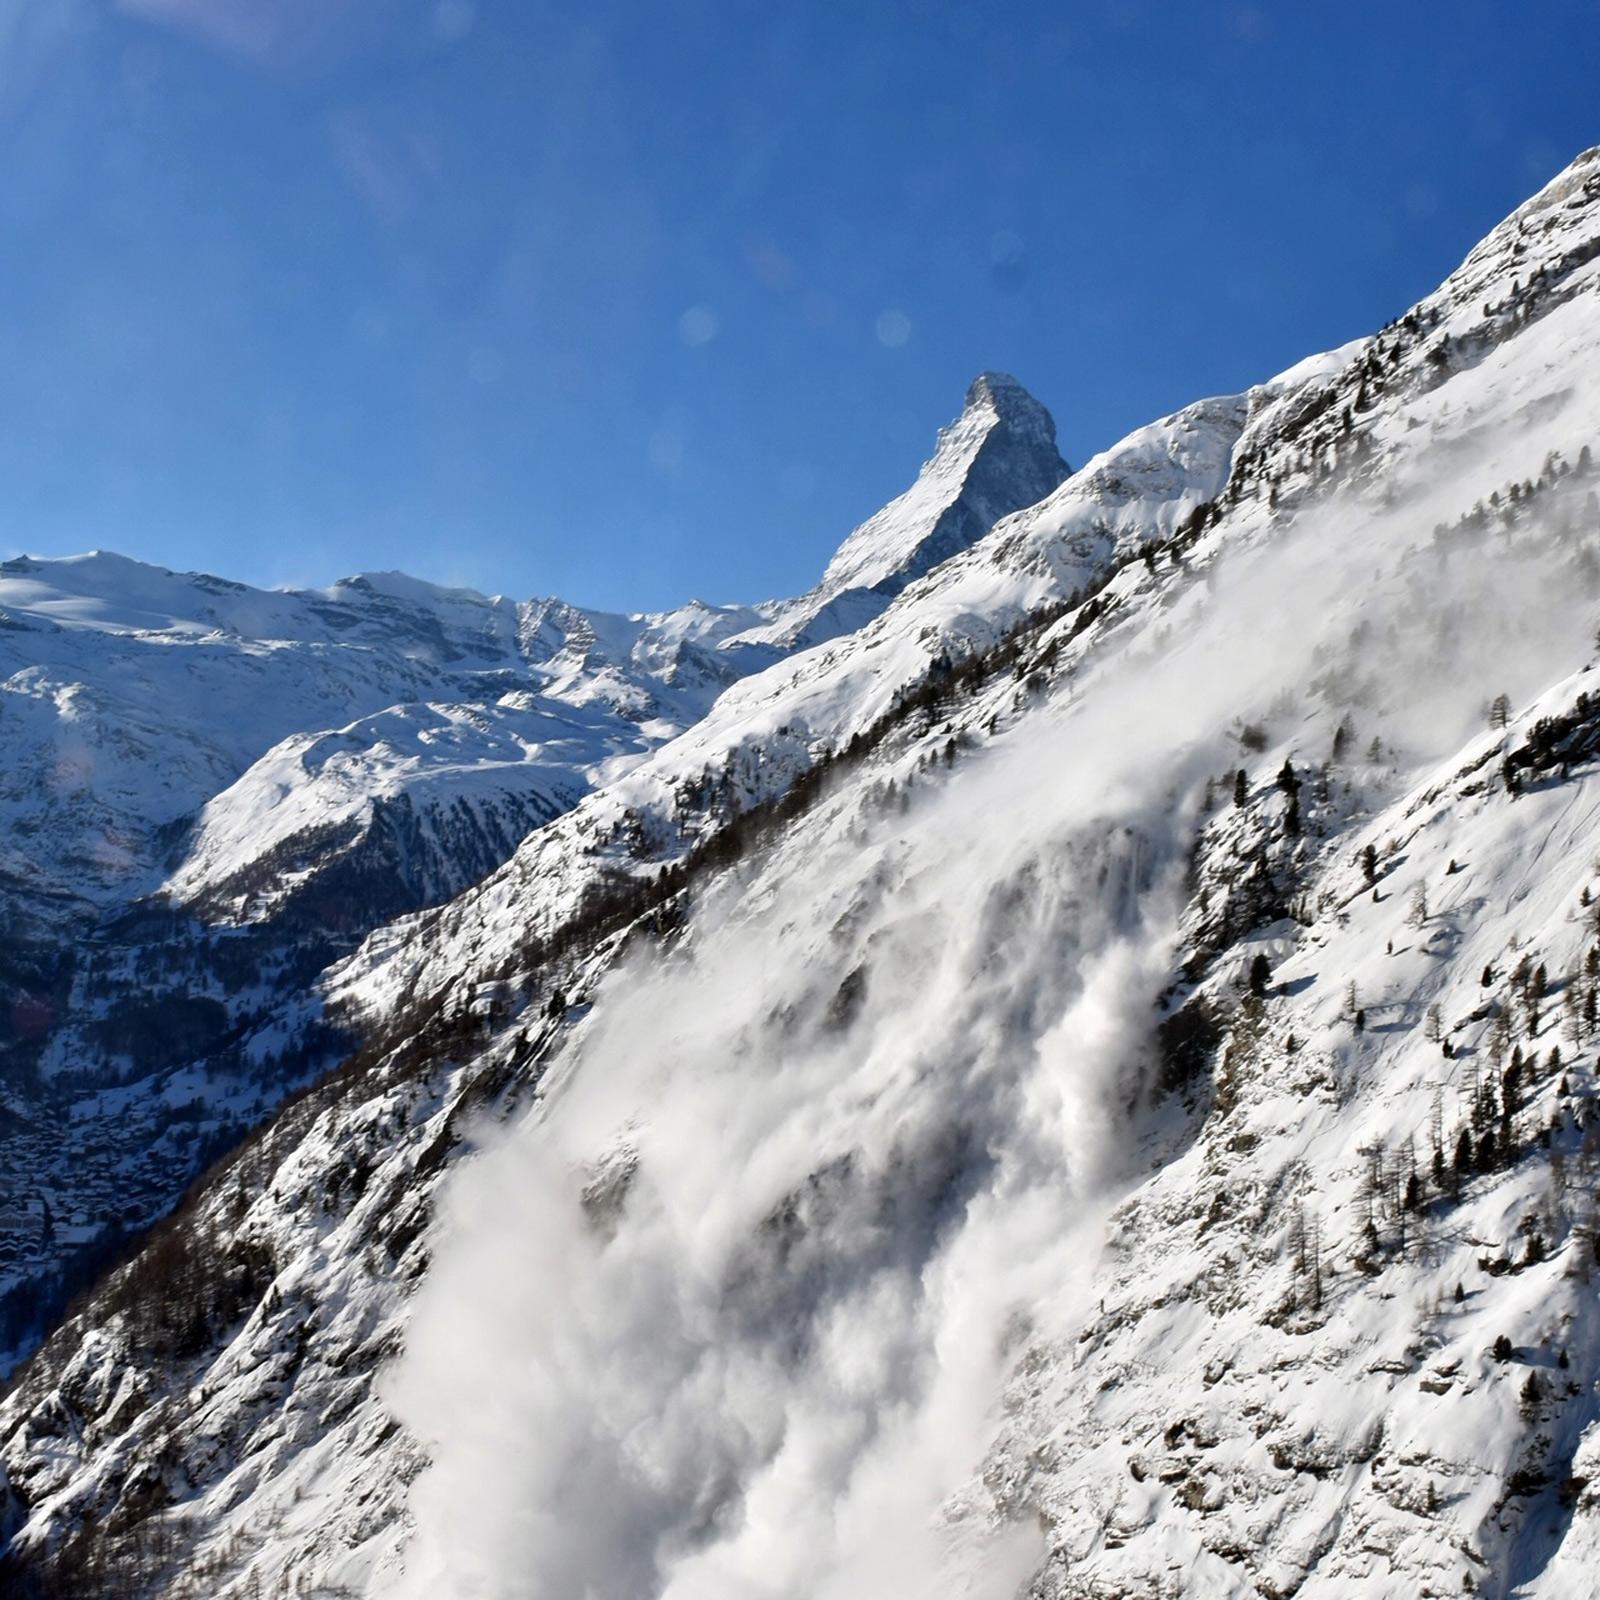 Diese grosse Staublawine wurde oberhalb von Zermatt (VS) auf rund 3.100 m durch eine Sprengung ausgelöst und erreichte eine Länge von 1,7 km. Foto: B. Jelk/25.12.2019